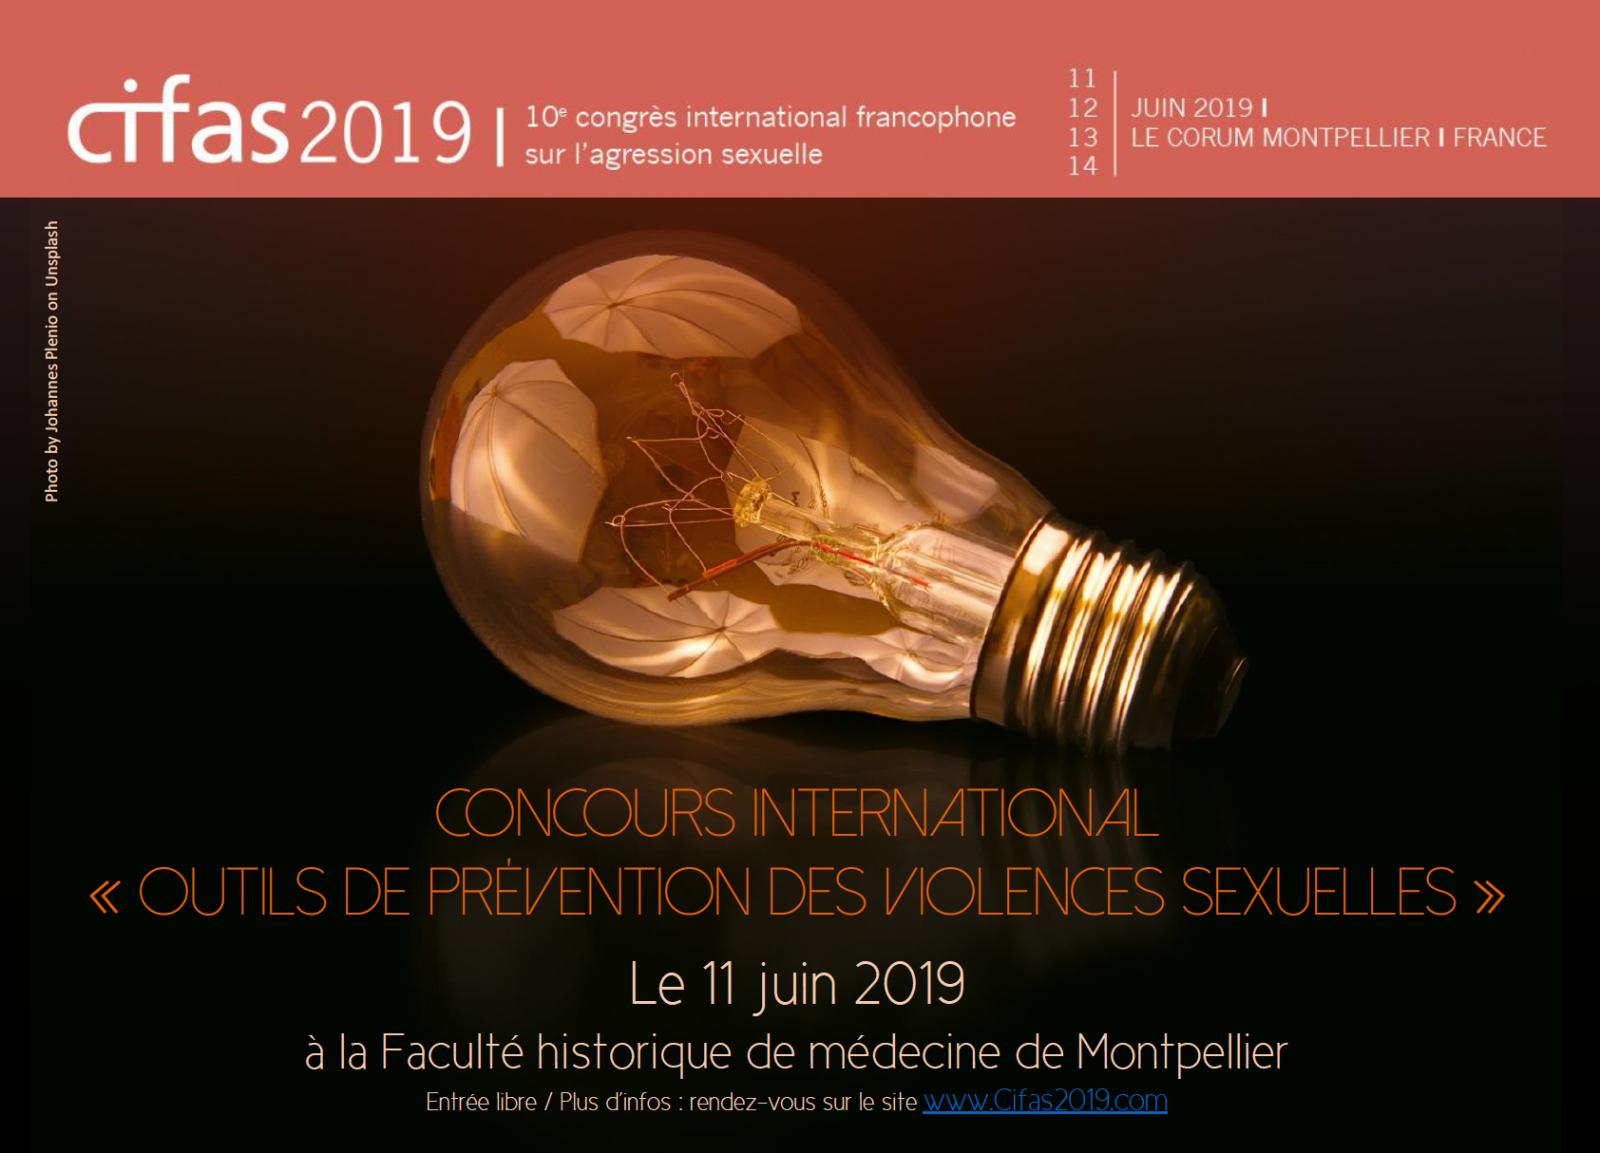 Concours d'outils de prévention des violences sexuelles